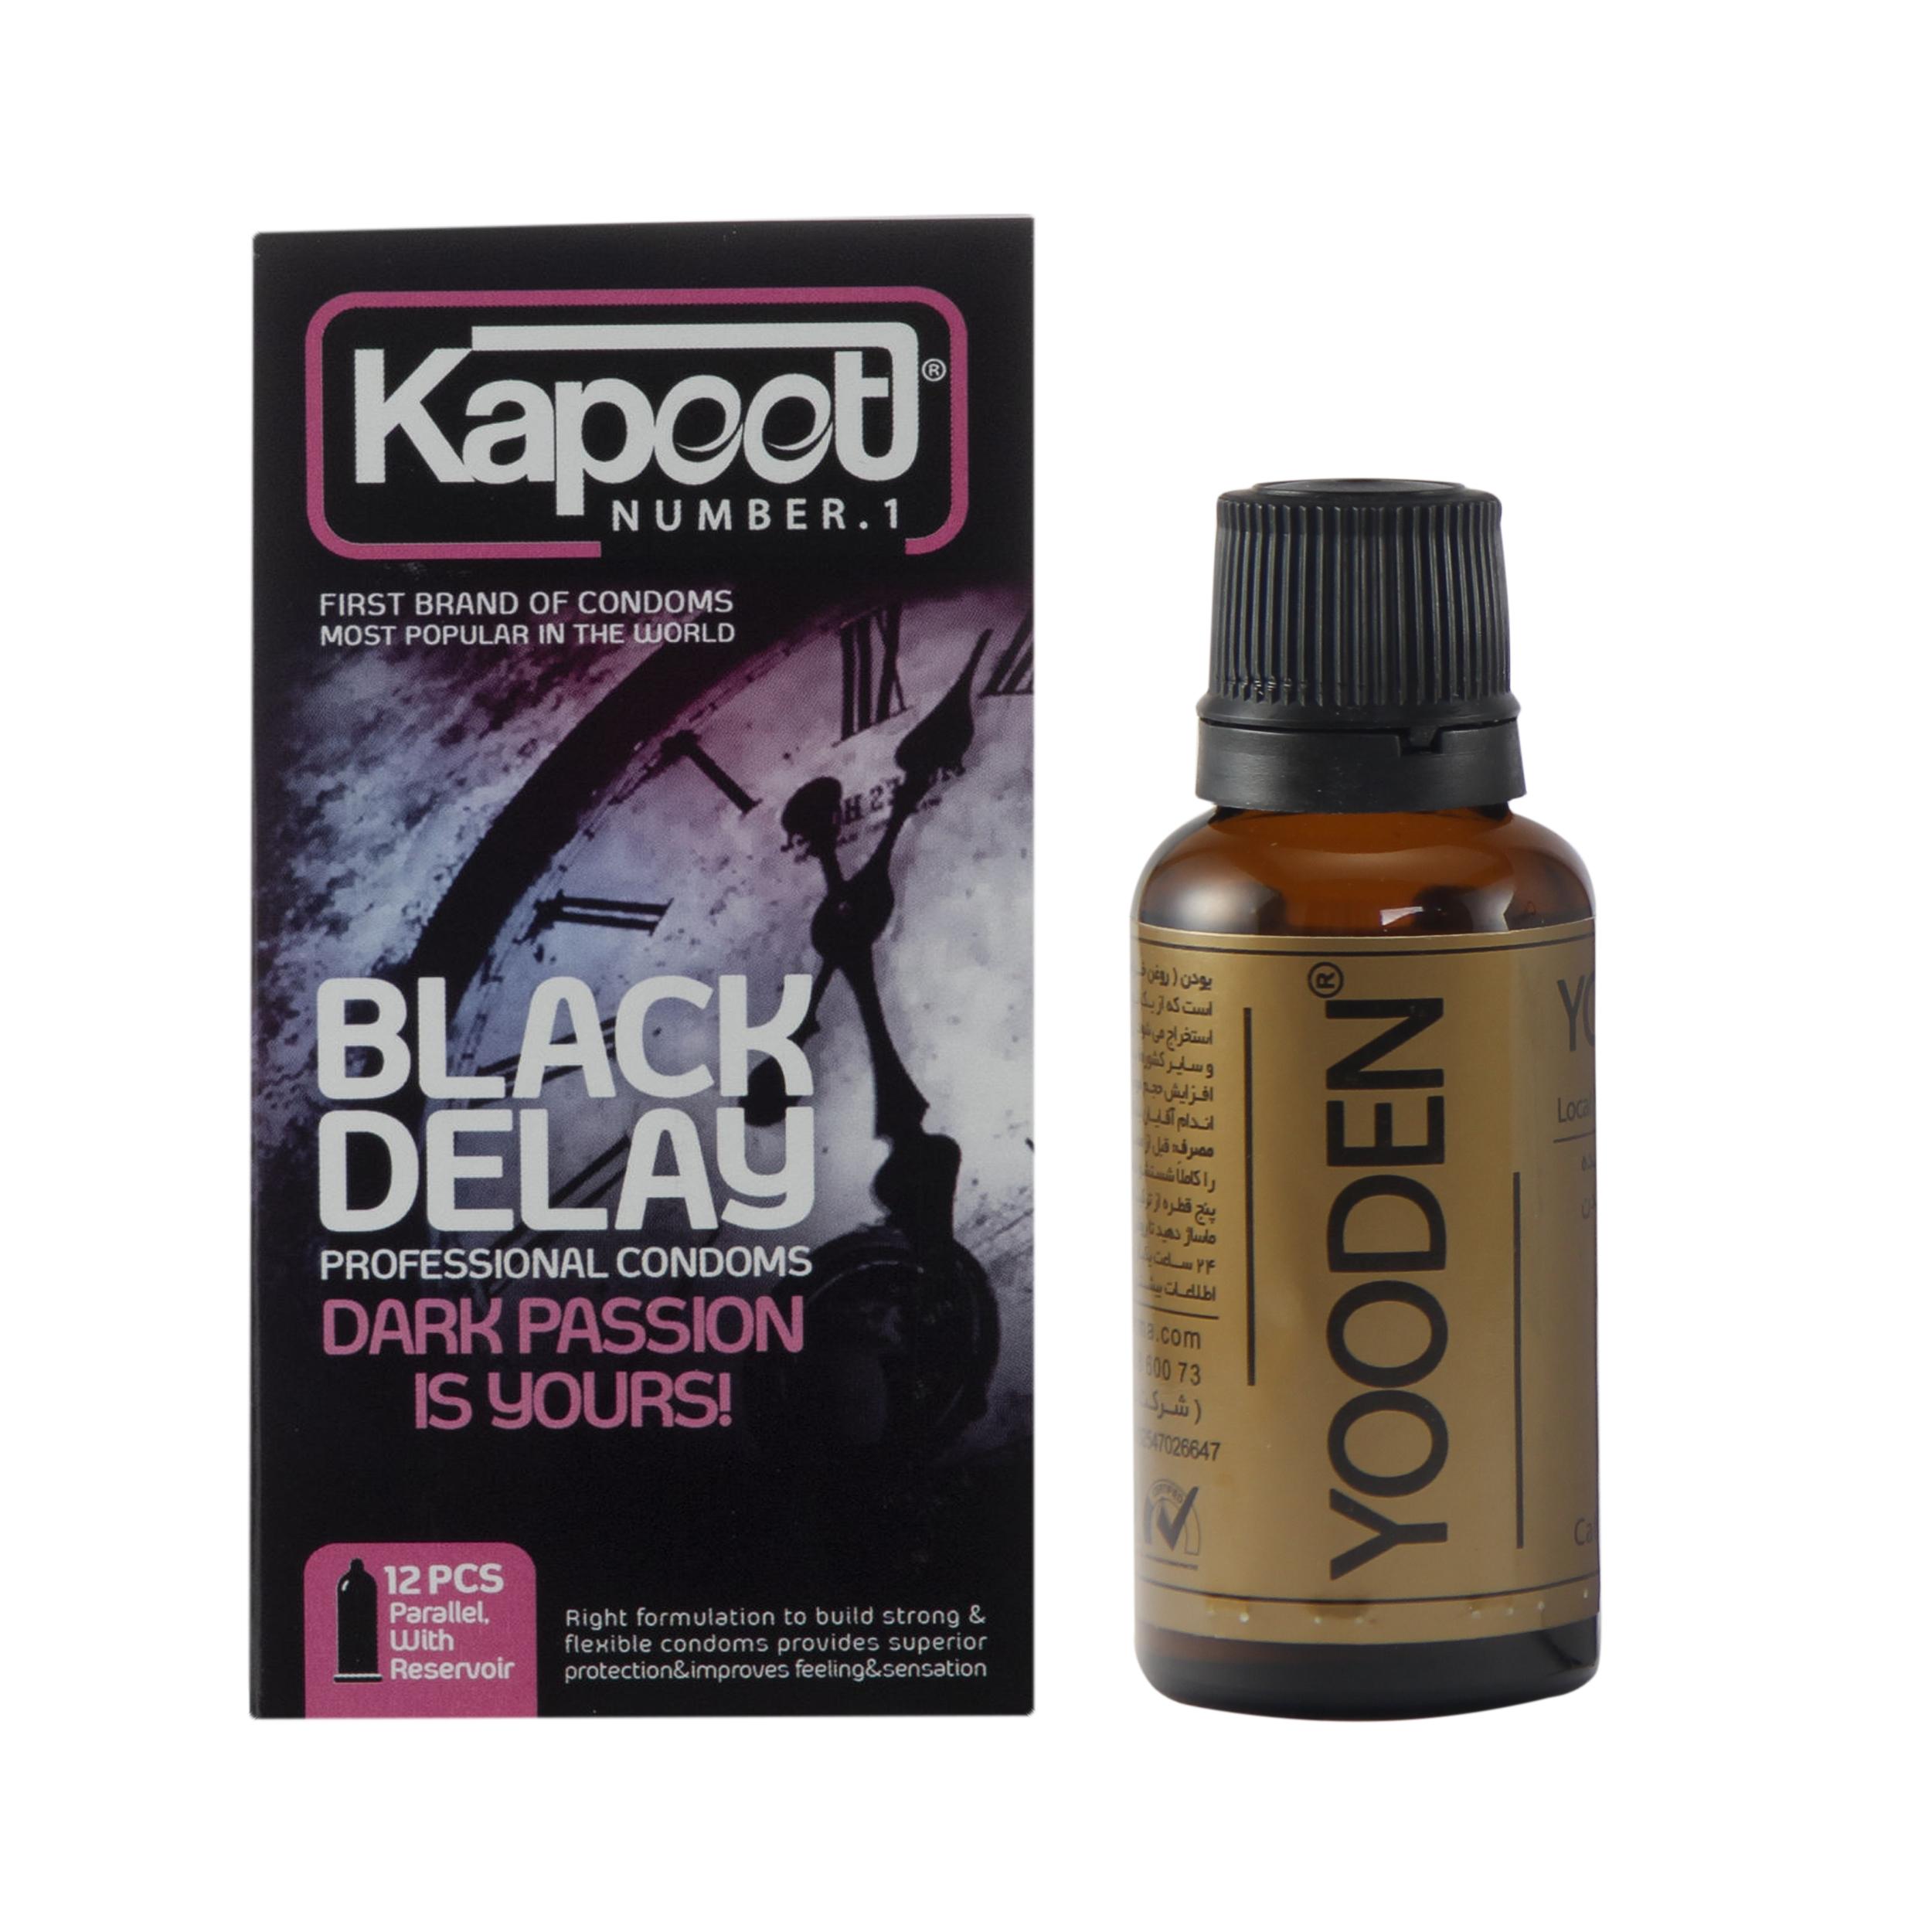 کاندوم کاپوت مدل Black Delay بسته 12 عددی به همراه روغن یودن کد 01 حجم 30 میلی لیتر